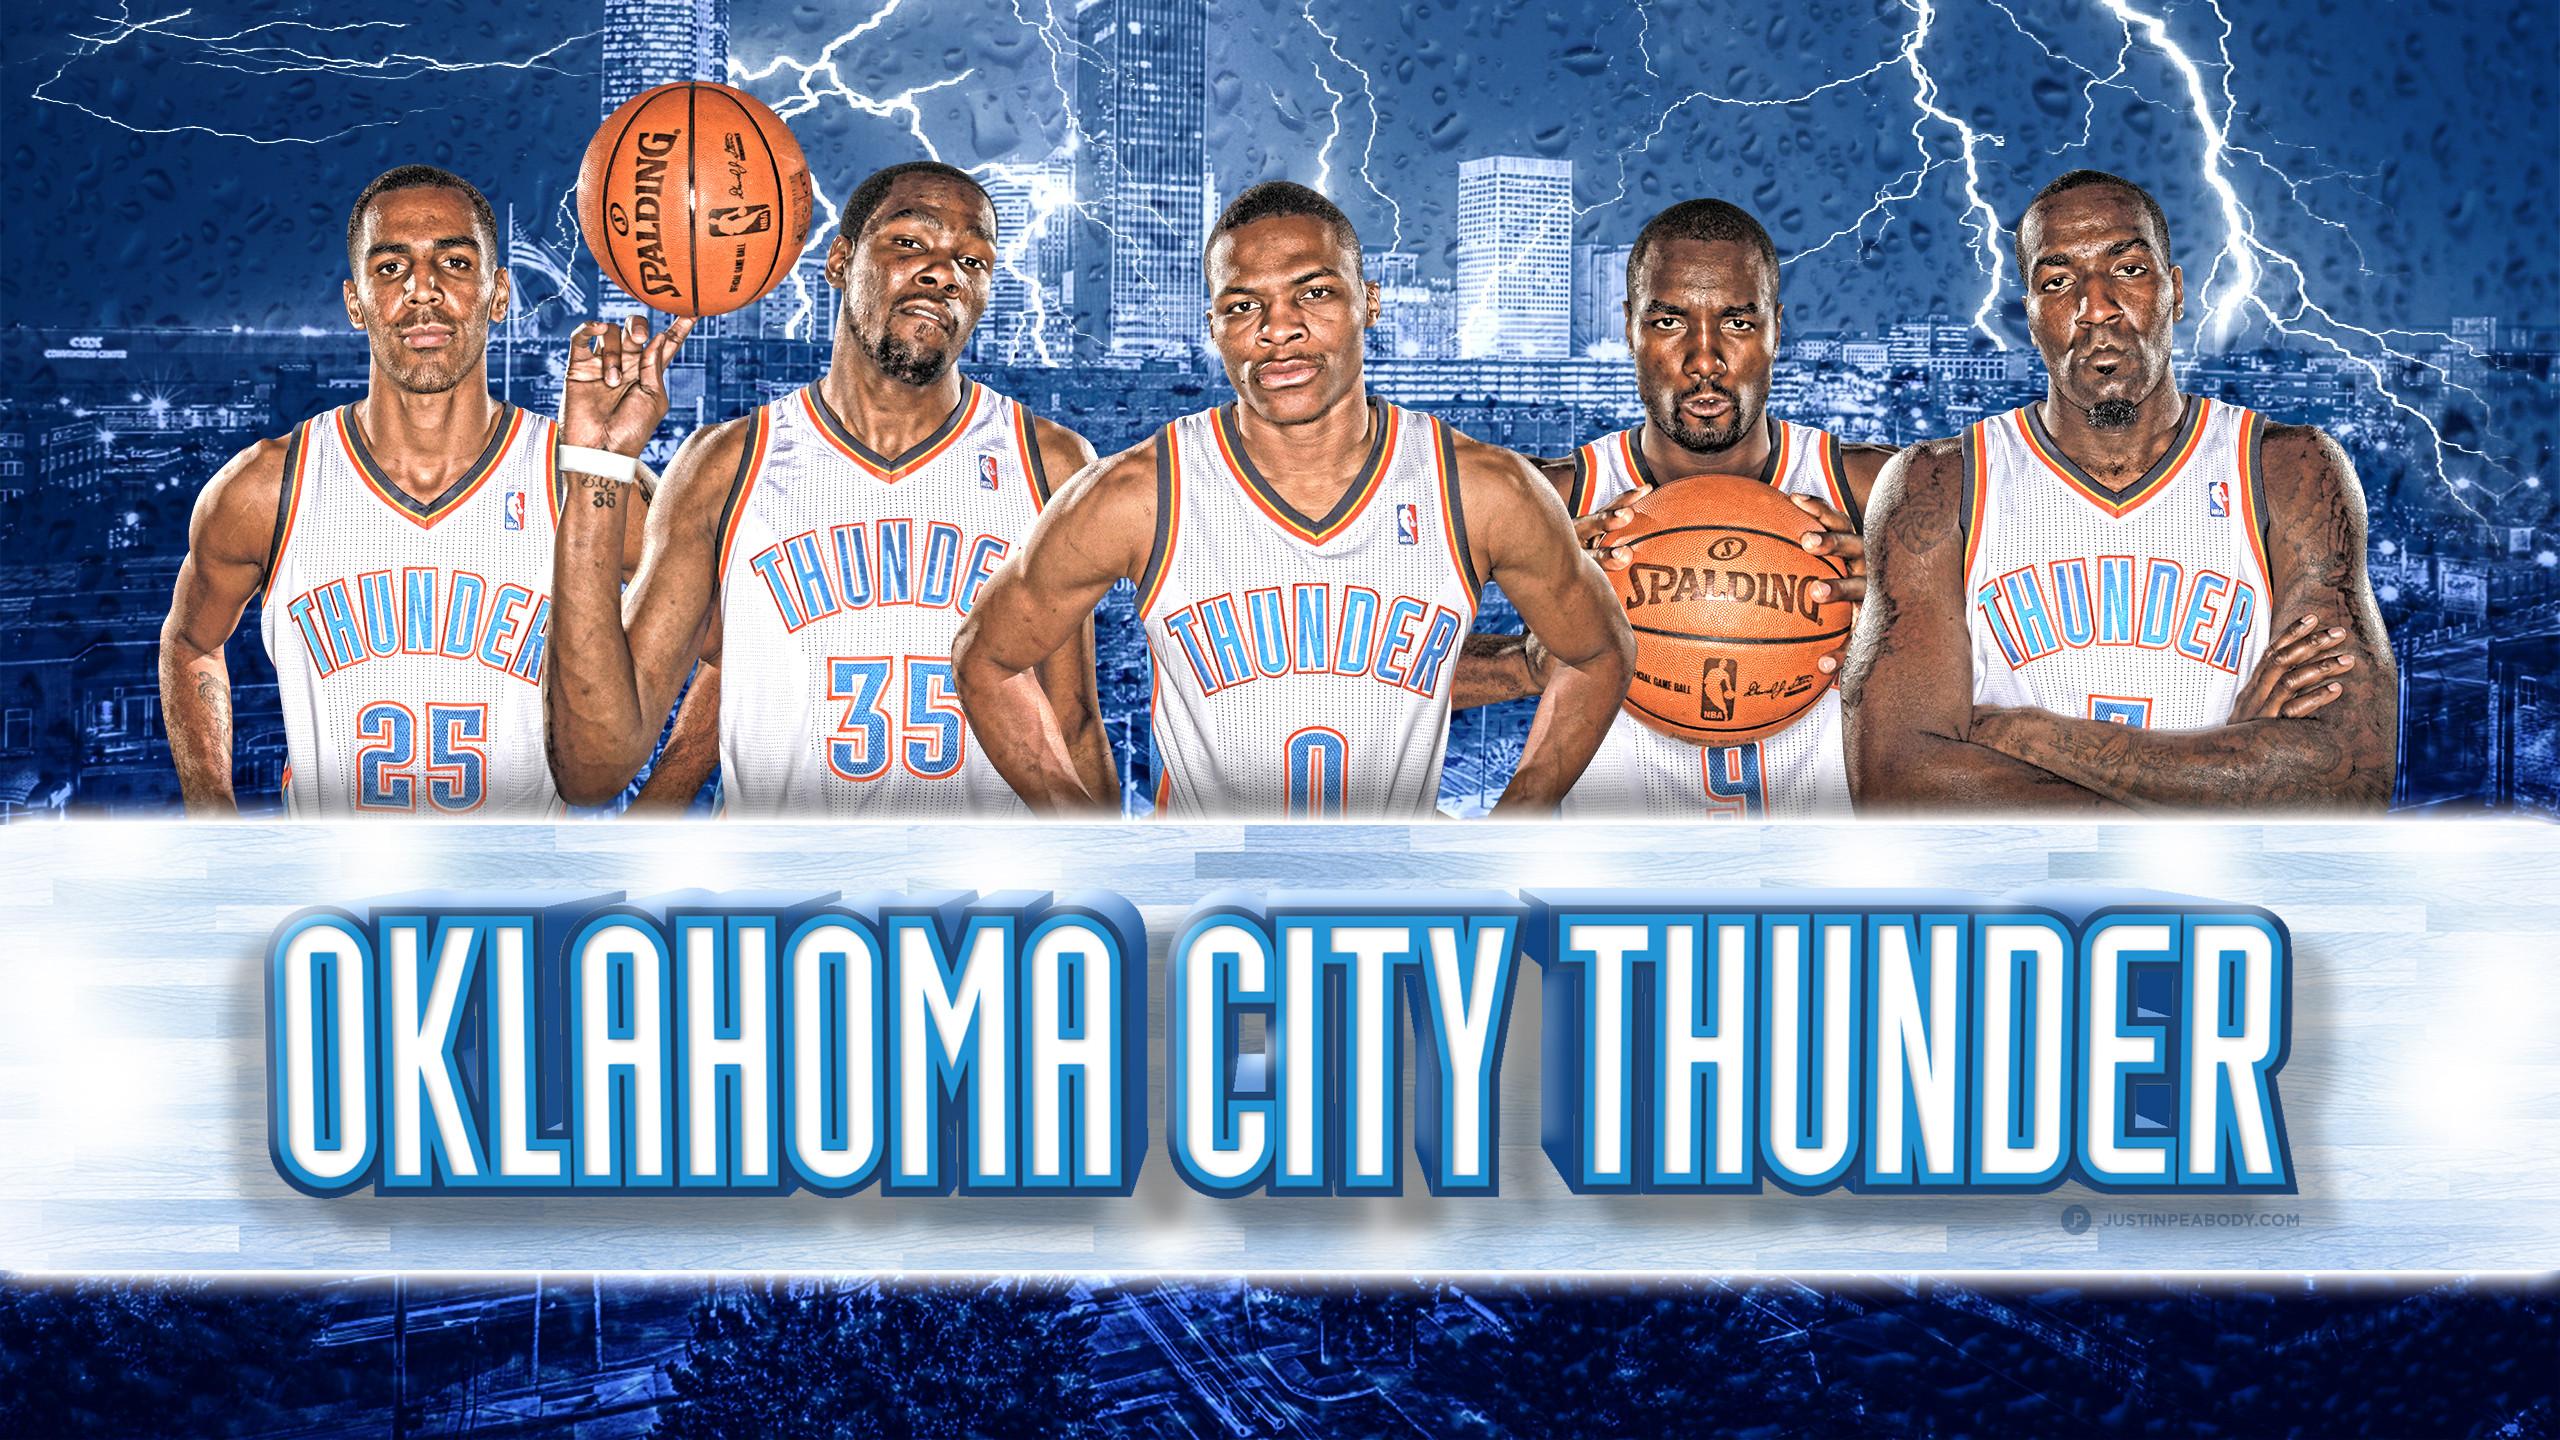 oklahoma city thunder wallpaper 2014